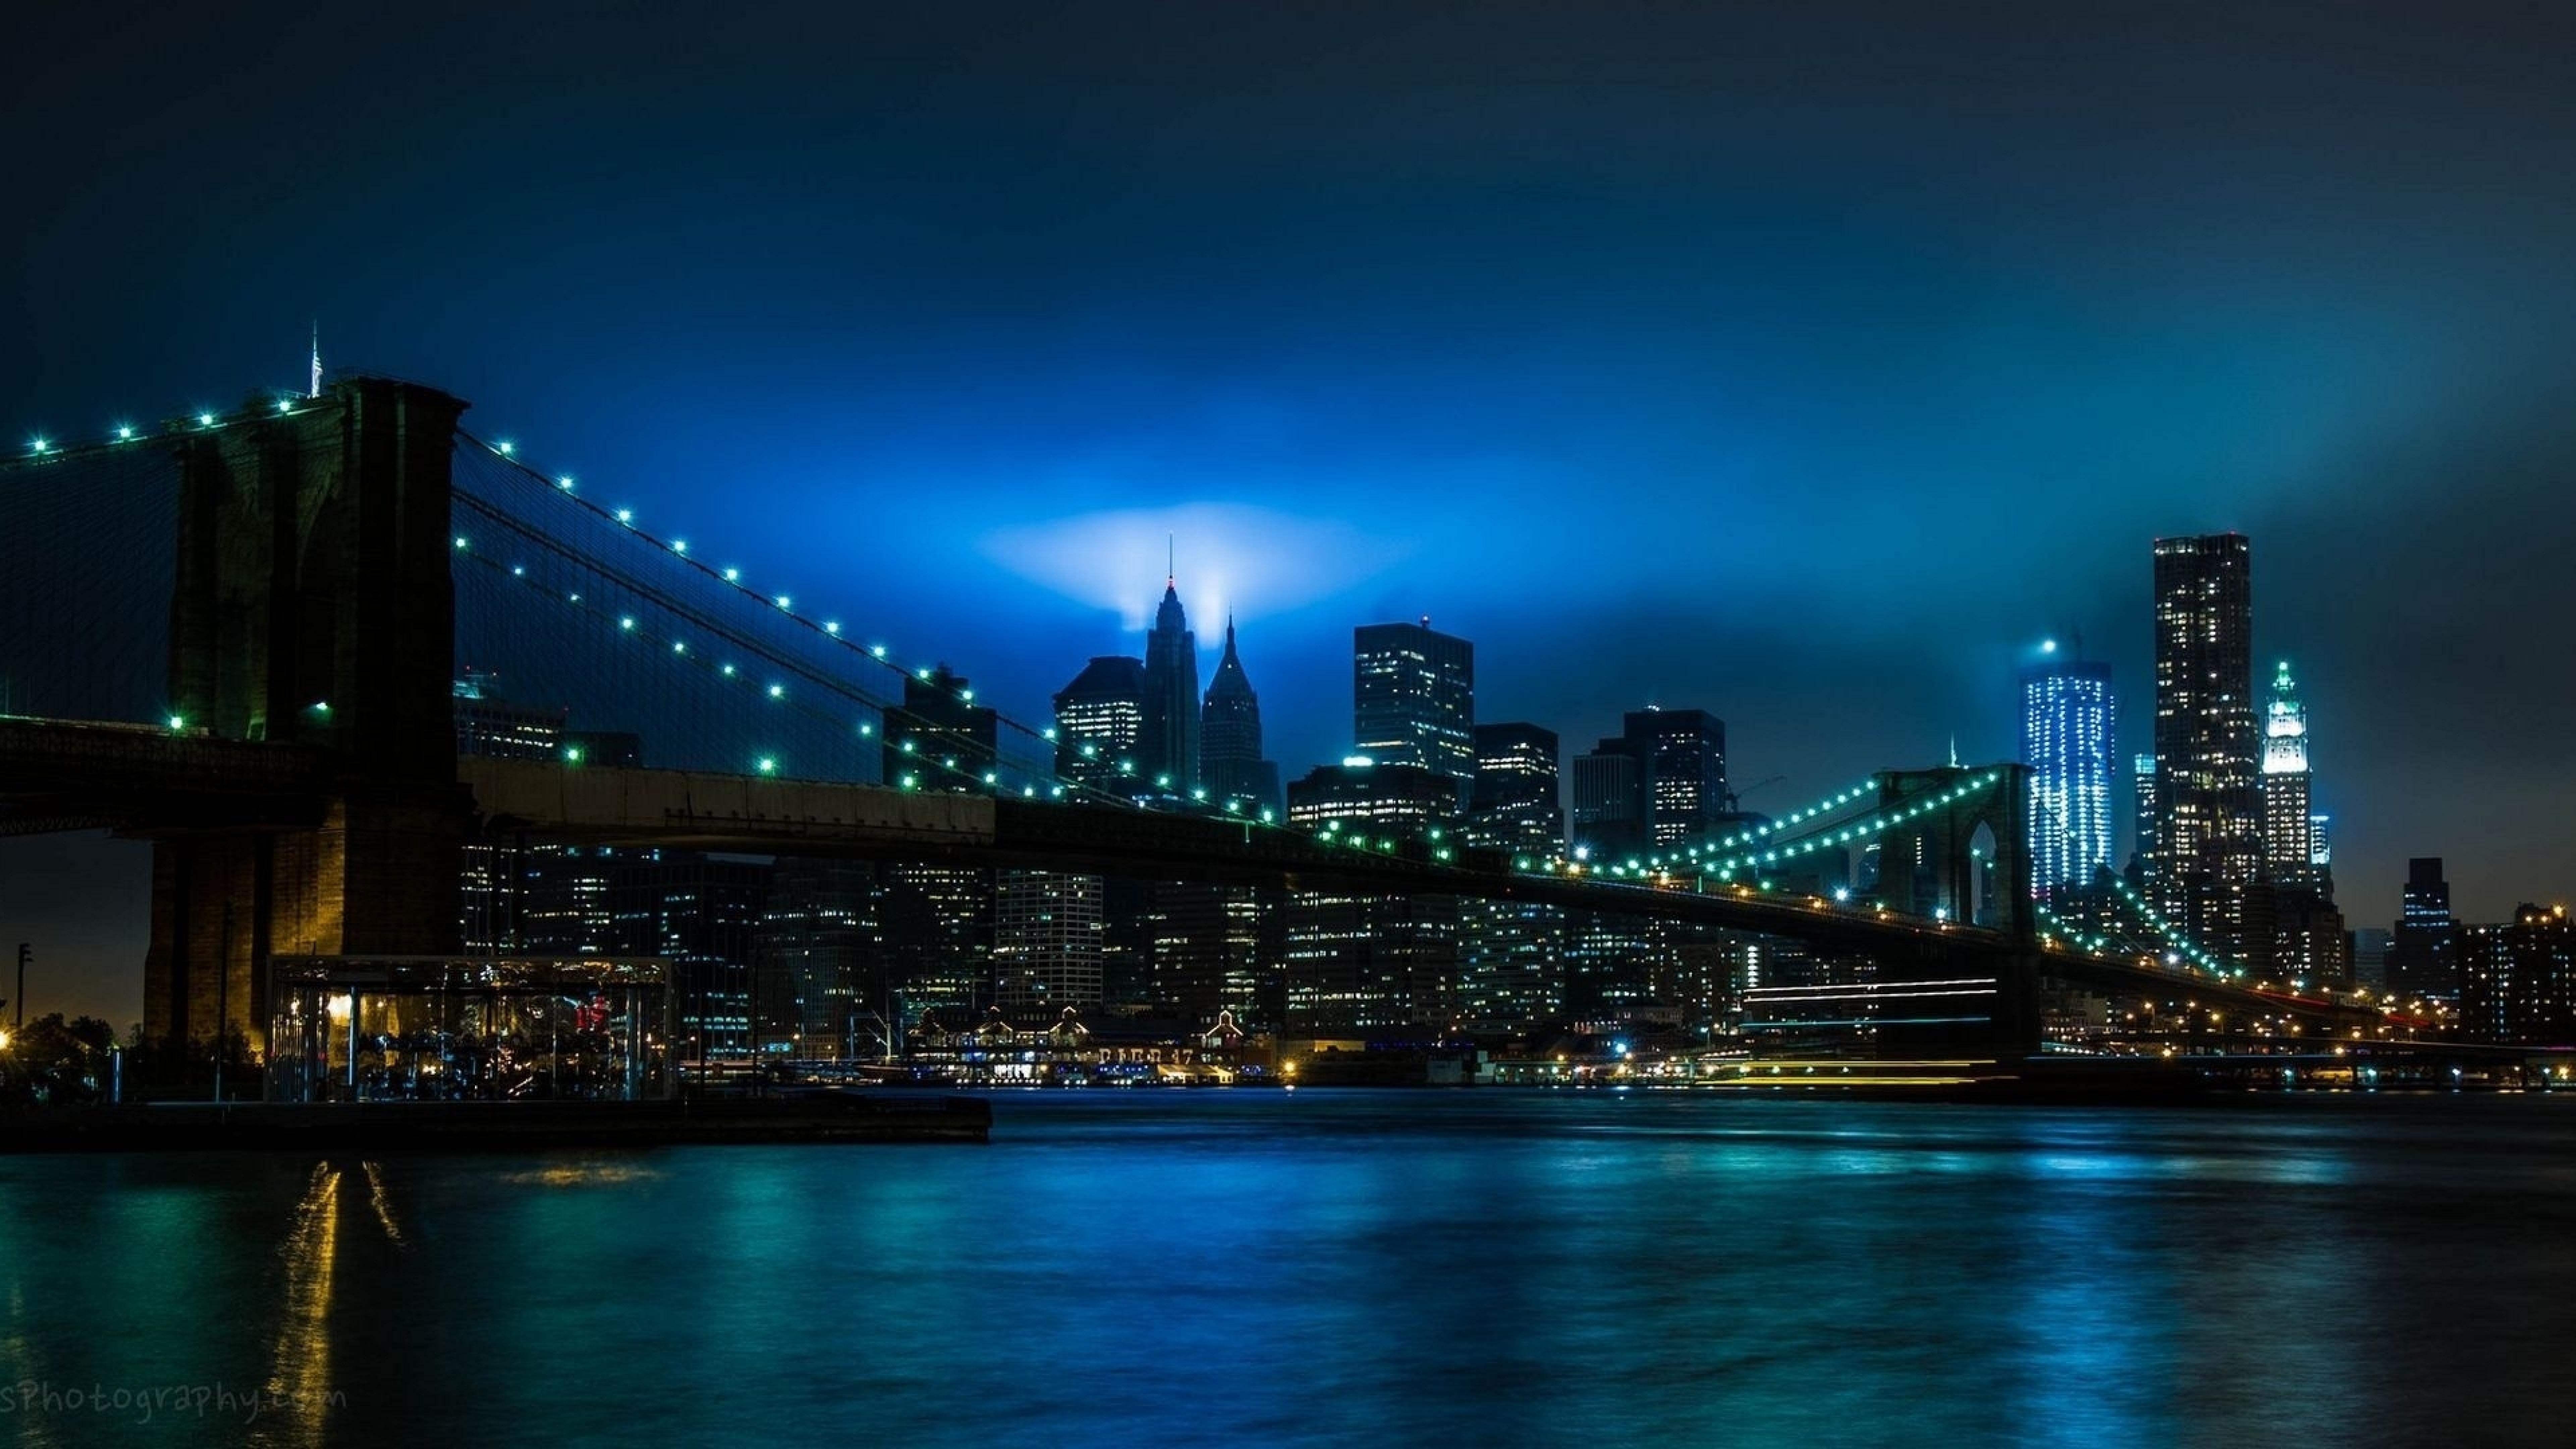 City night lights full hd 2k wallpaper - Night light city wallpaper ...